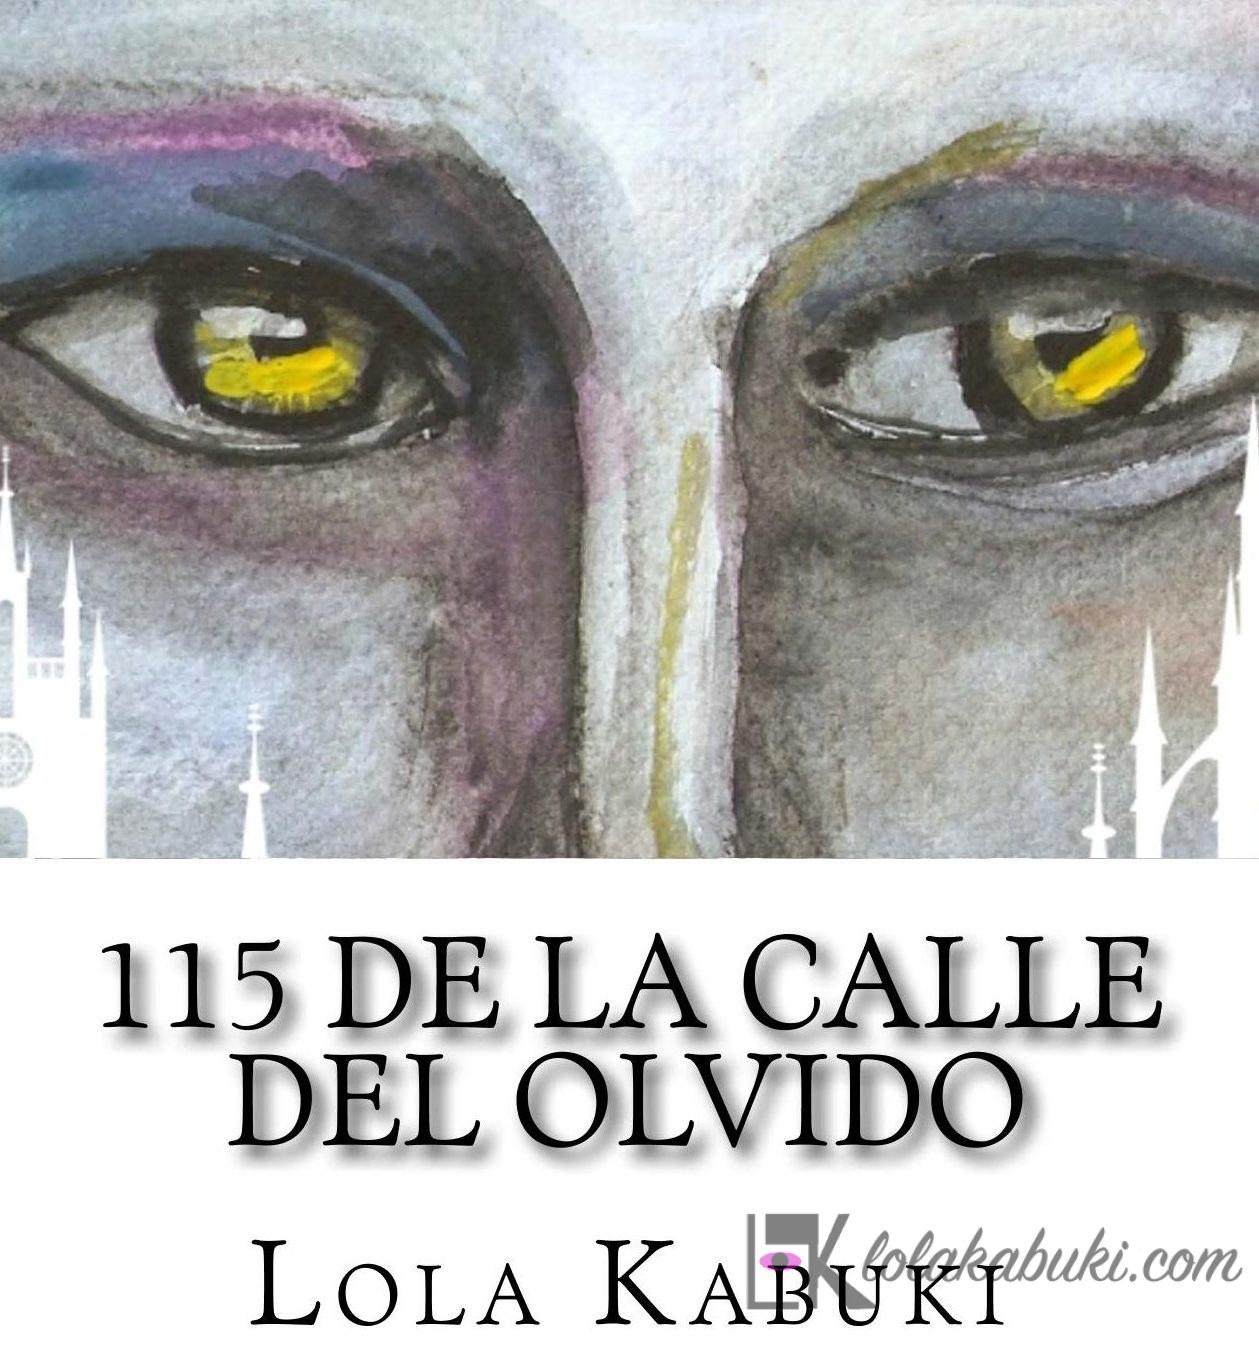 115 DE LA CALLE DEL OLVIDO 2ª EDICIÓN